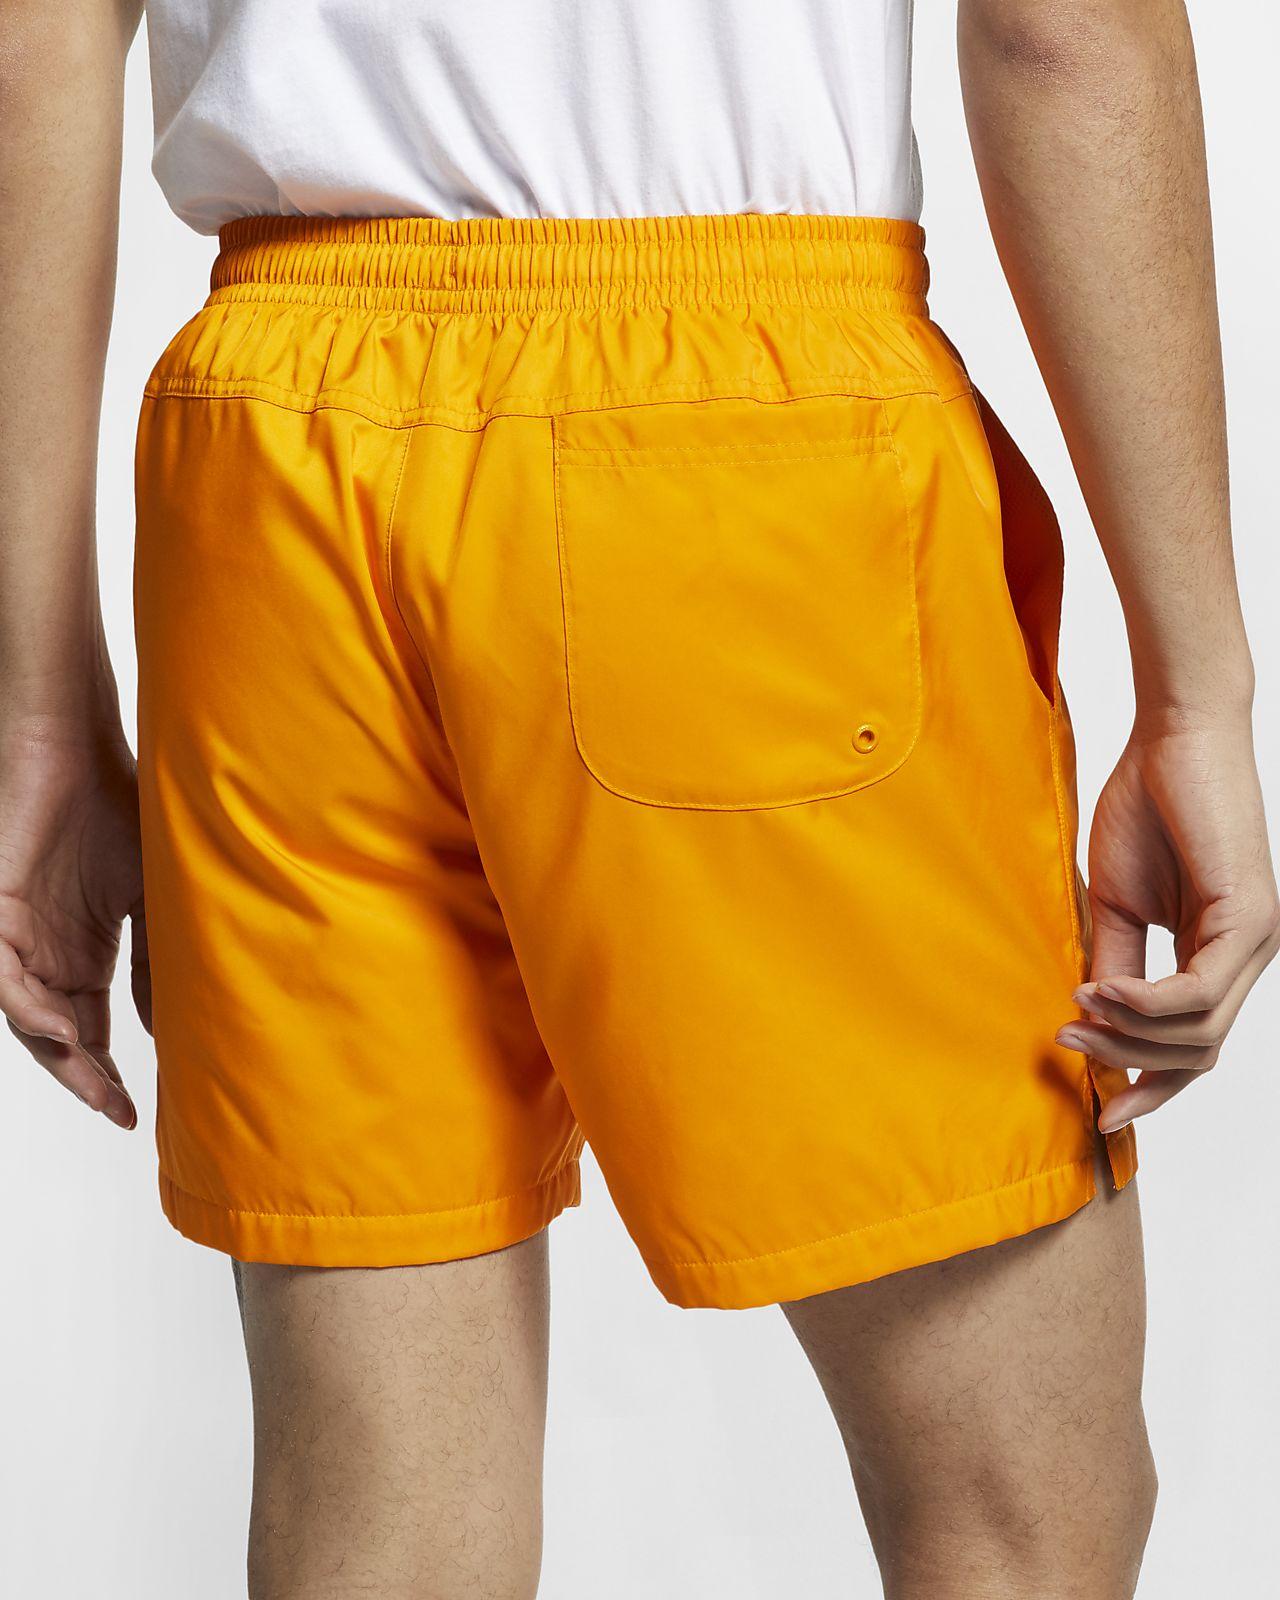 d5930c1d76fabd Low Resolution Nike Sportswear Men's Woven Shorts Nike Sportswear Men's  Woven Shorts